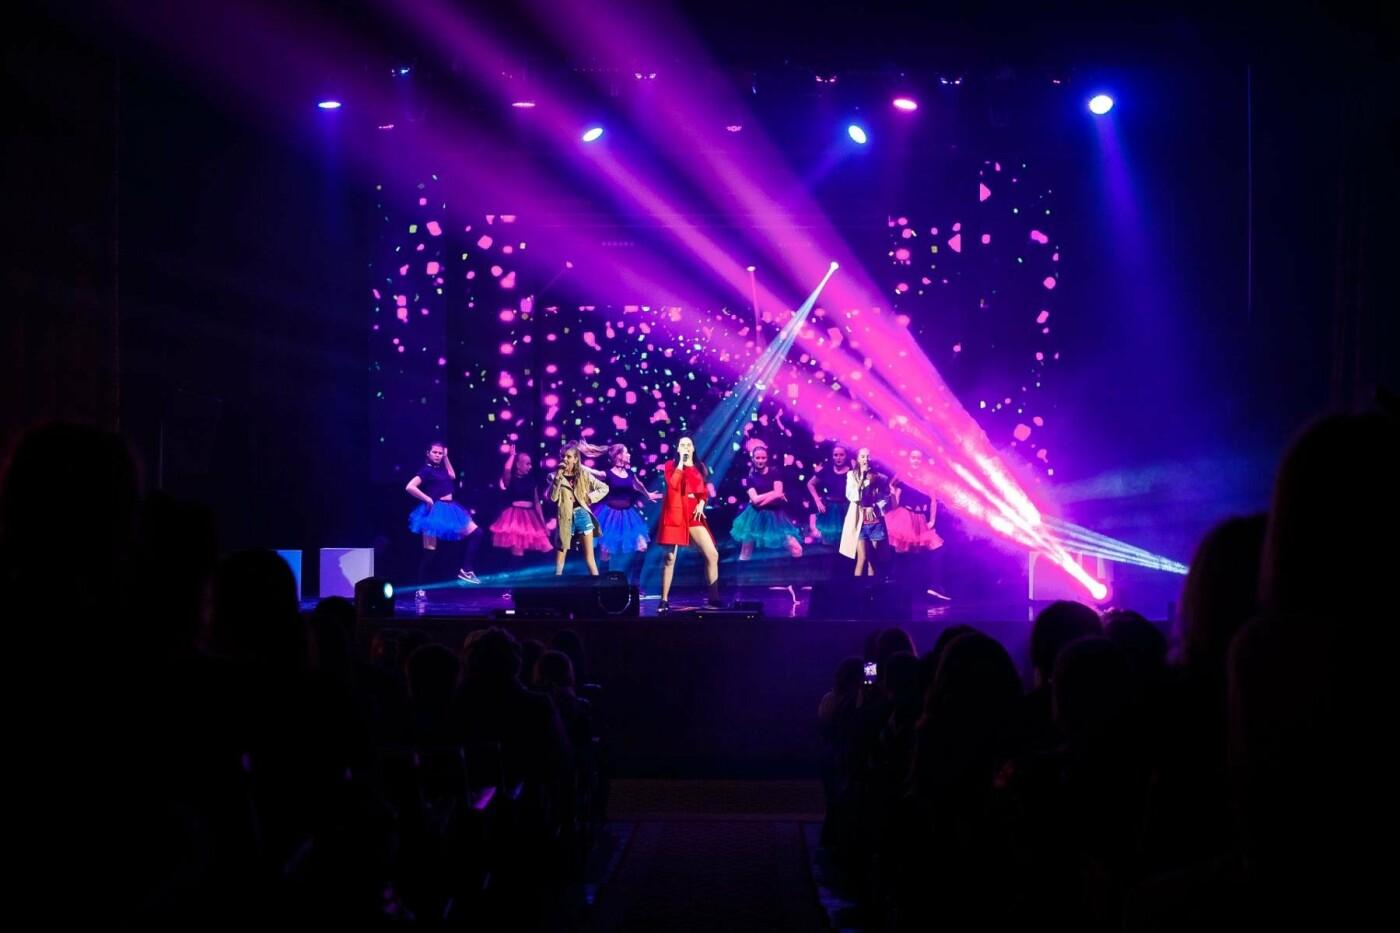 Запорожцев приглашают на концерт финалистов музыкальных телешоу, фото-5